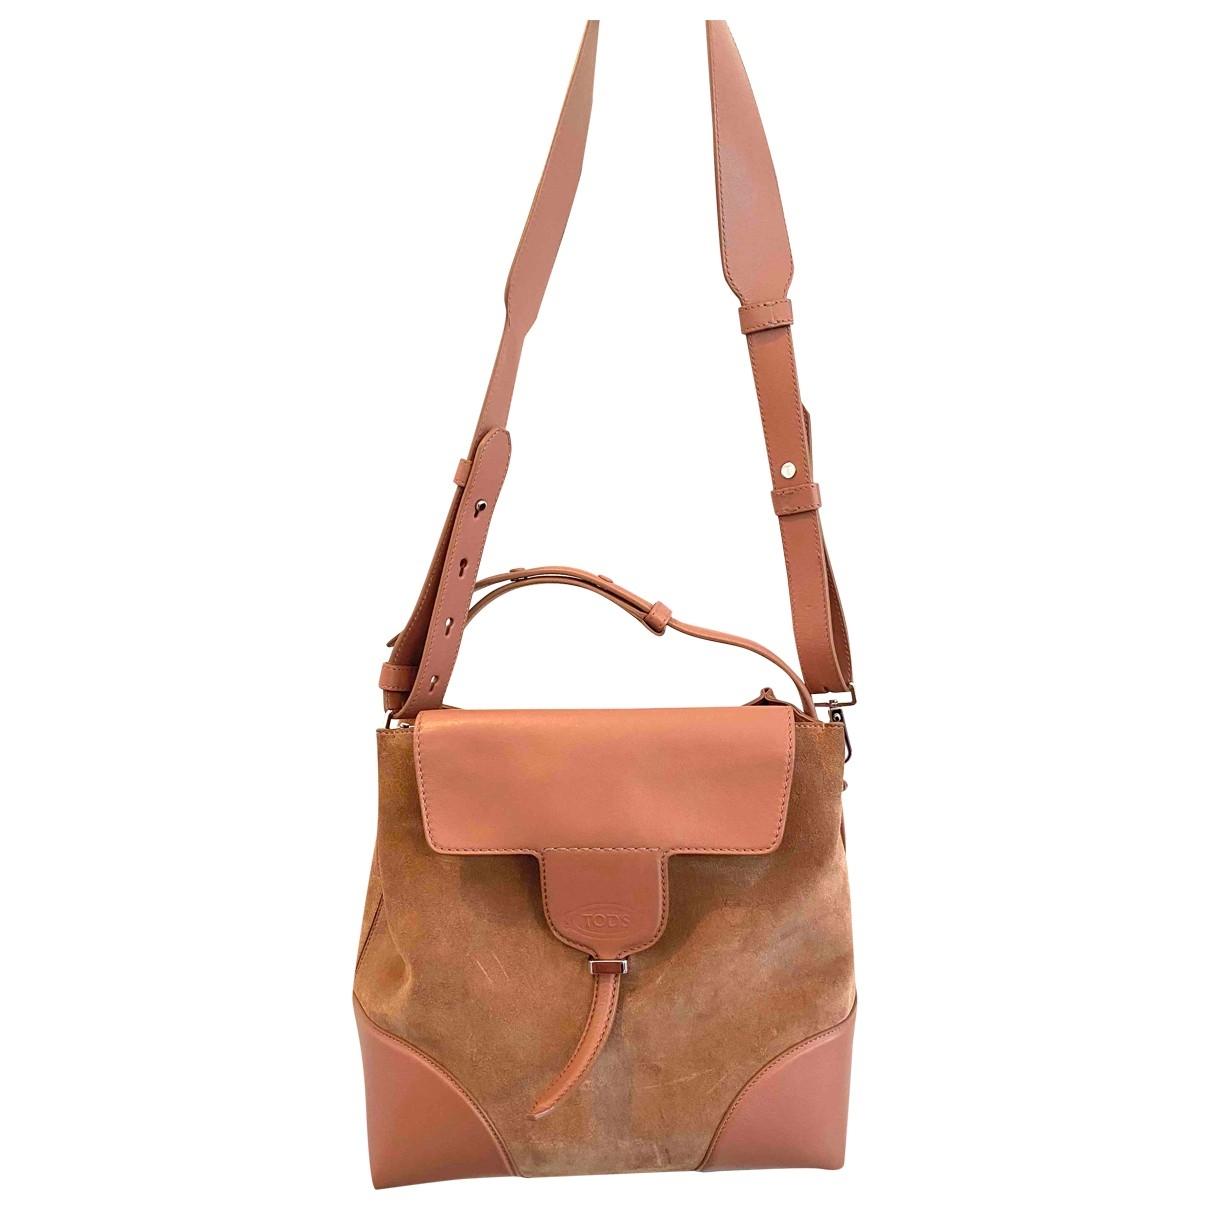 Tods - Sac a main   pour femme en cuir - rose